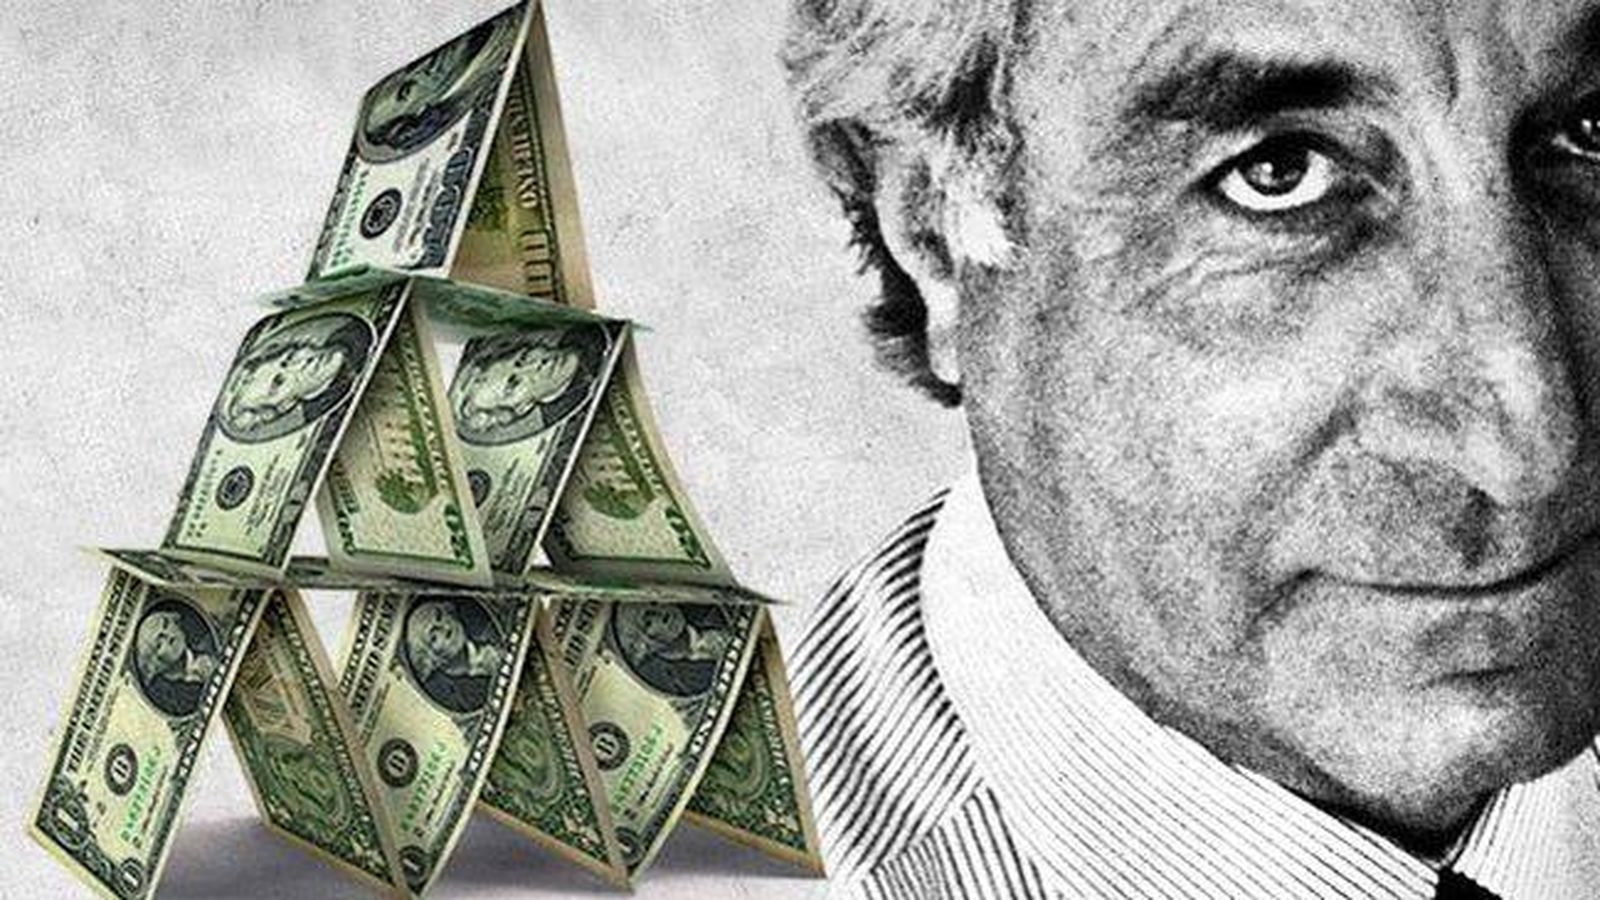 madoff-el-mago-de-las-mentiras-que-evaporo-65-000-millones-de-dolares